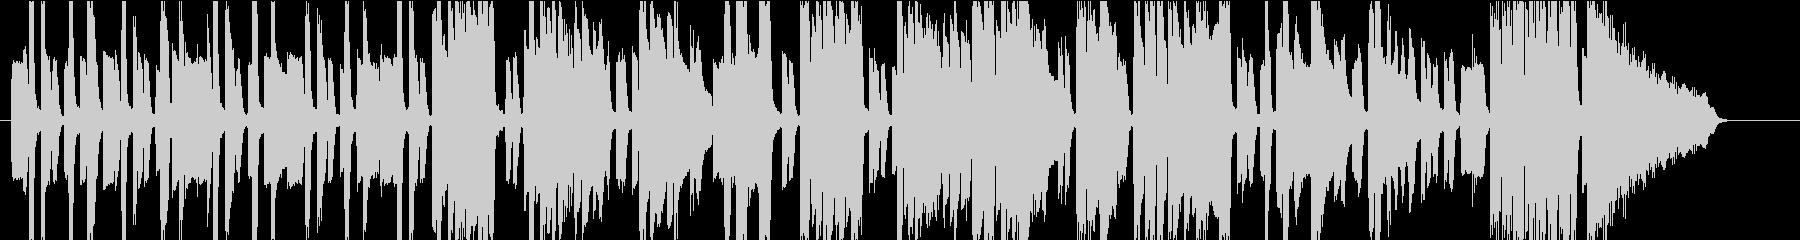 エレピのスウィング・ファンクの未再生の波形